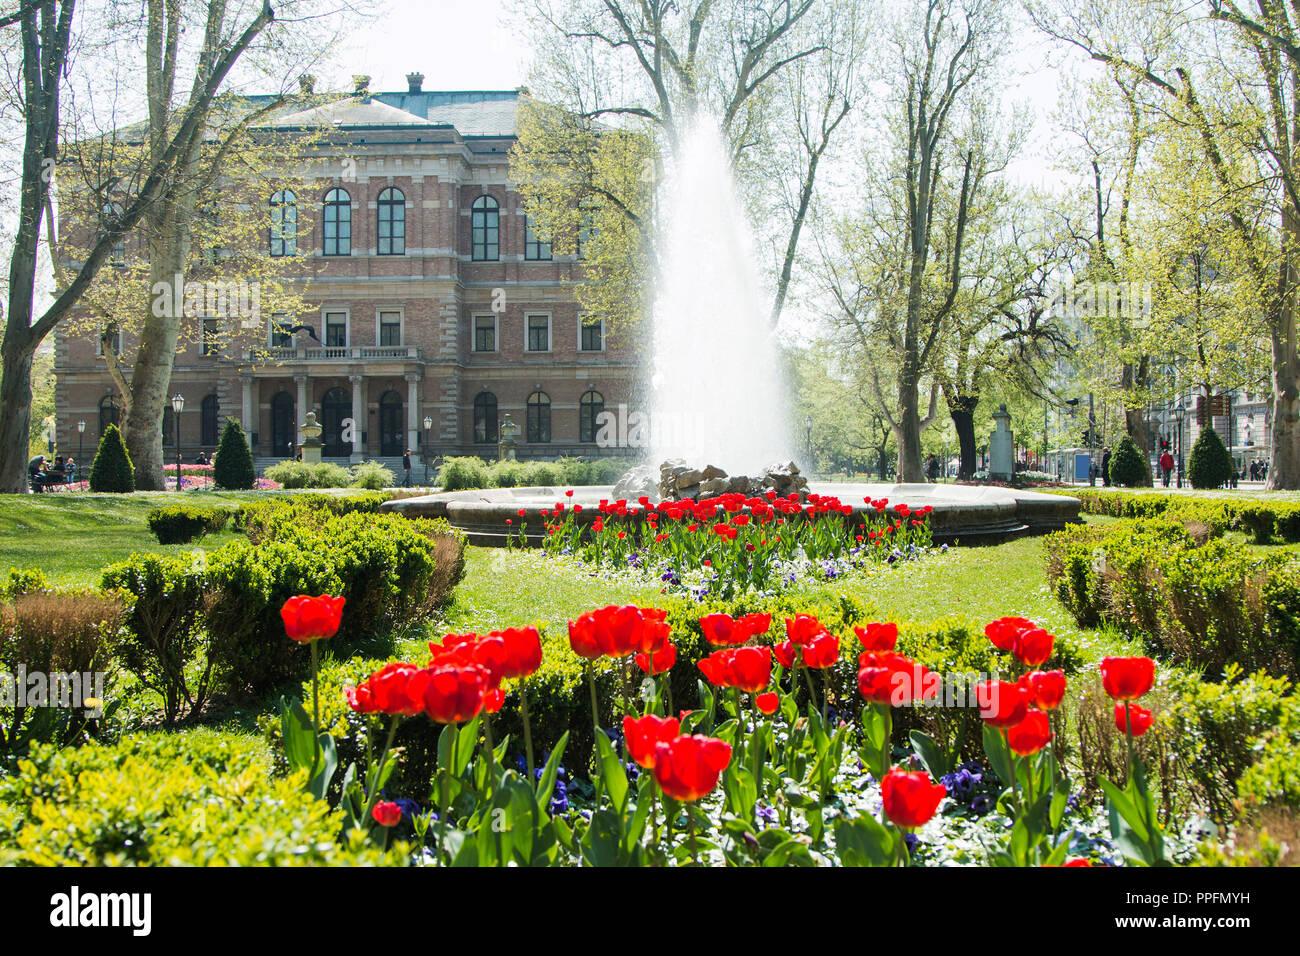 Tulips And Music Pavilion In Zrinjevac Park In Zagreb Croatia Stock Photo Alamy